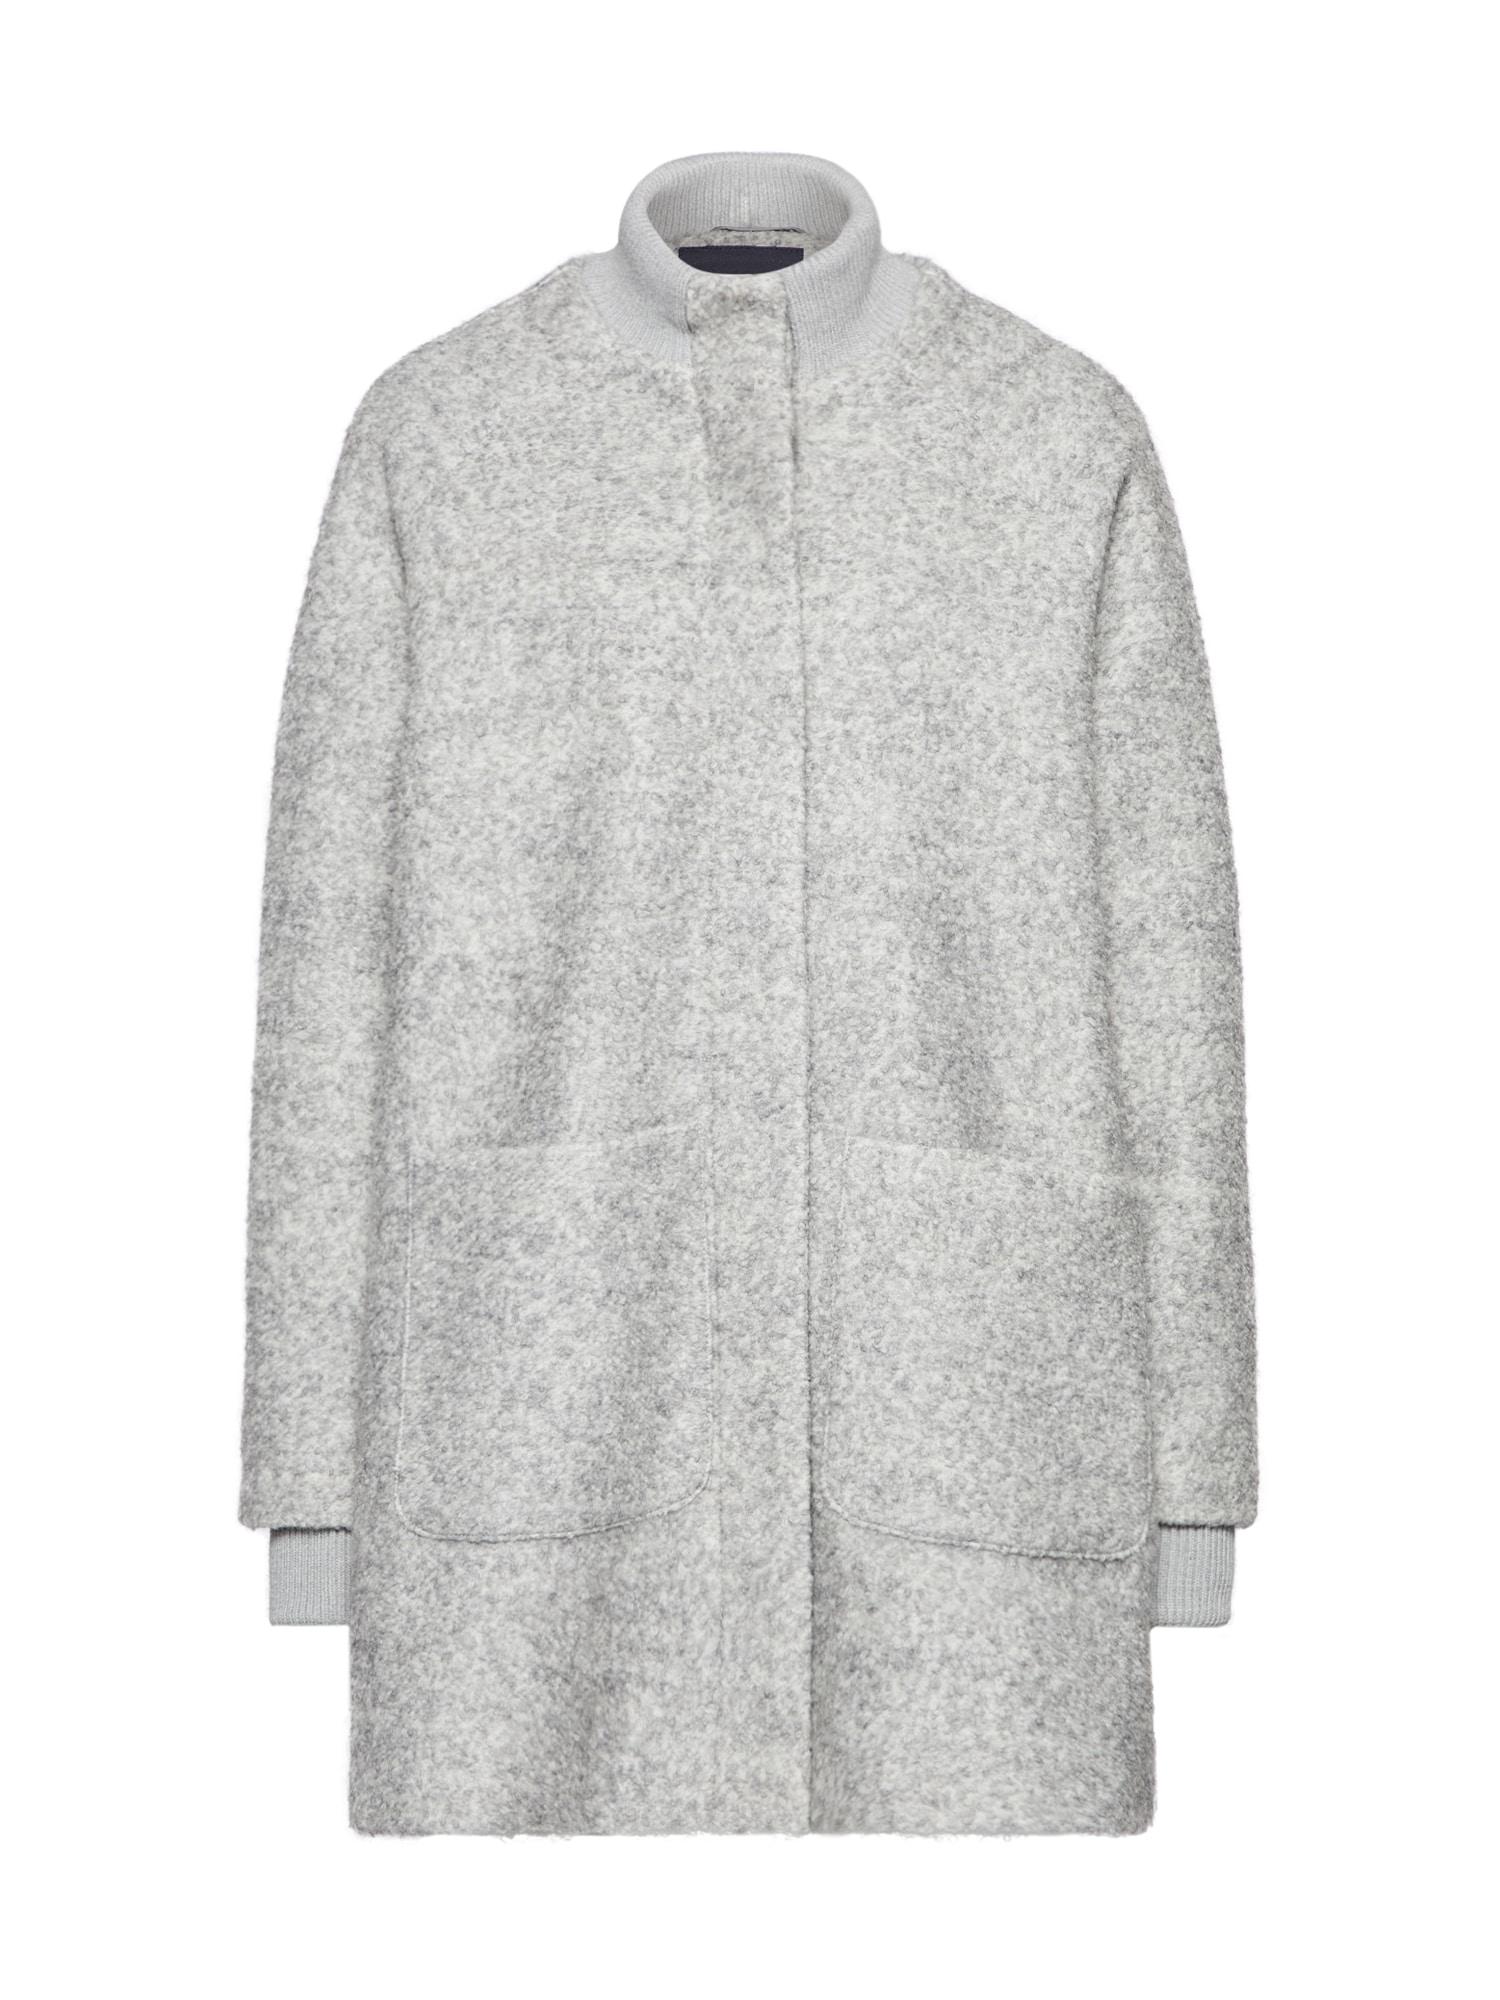 Přechodný kabát Gailey světle šedá BROADWAY NYC FASHION